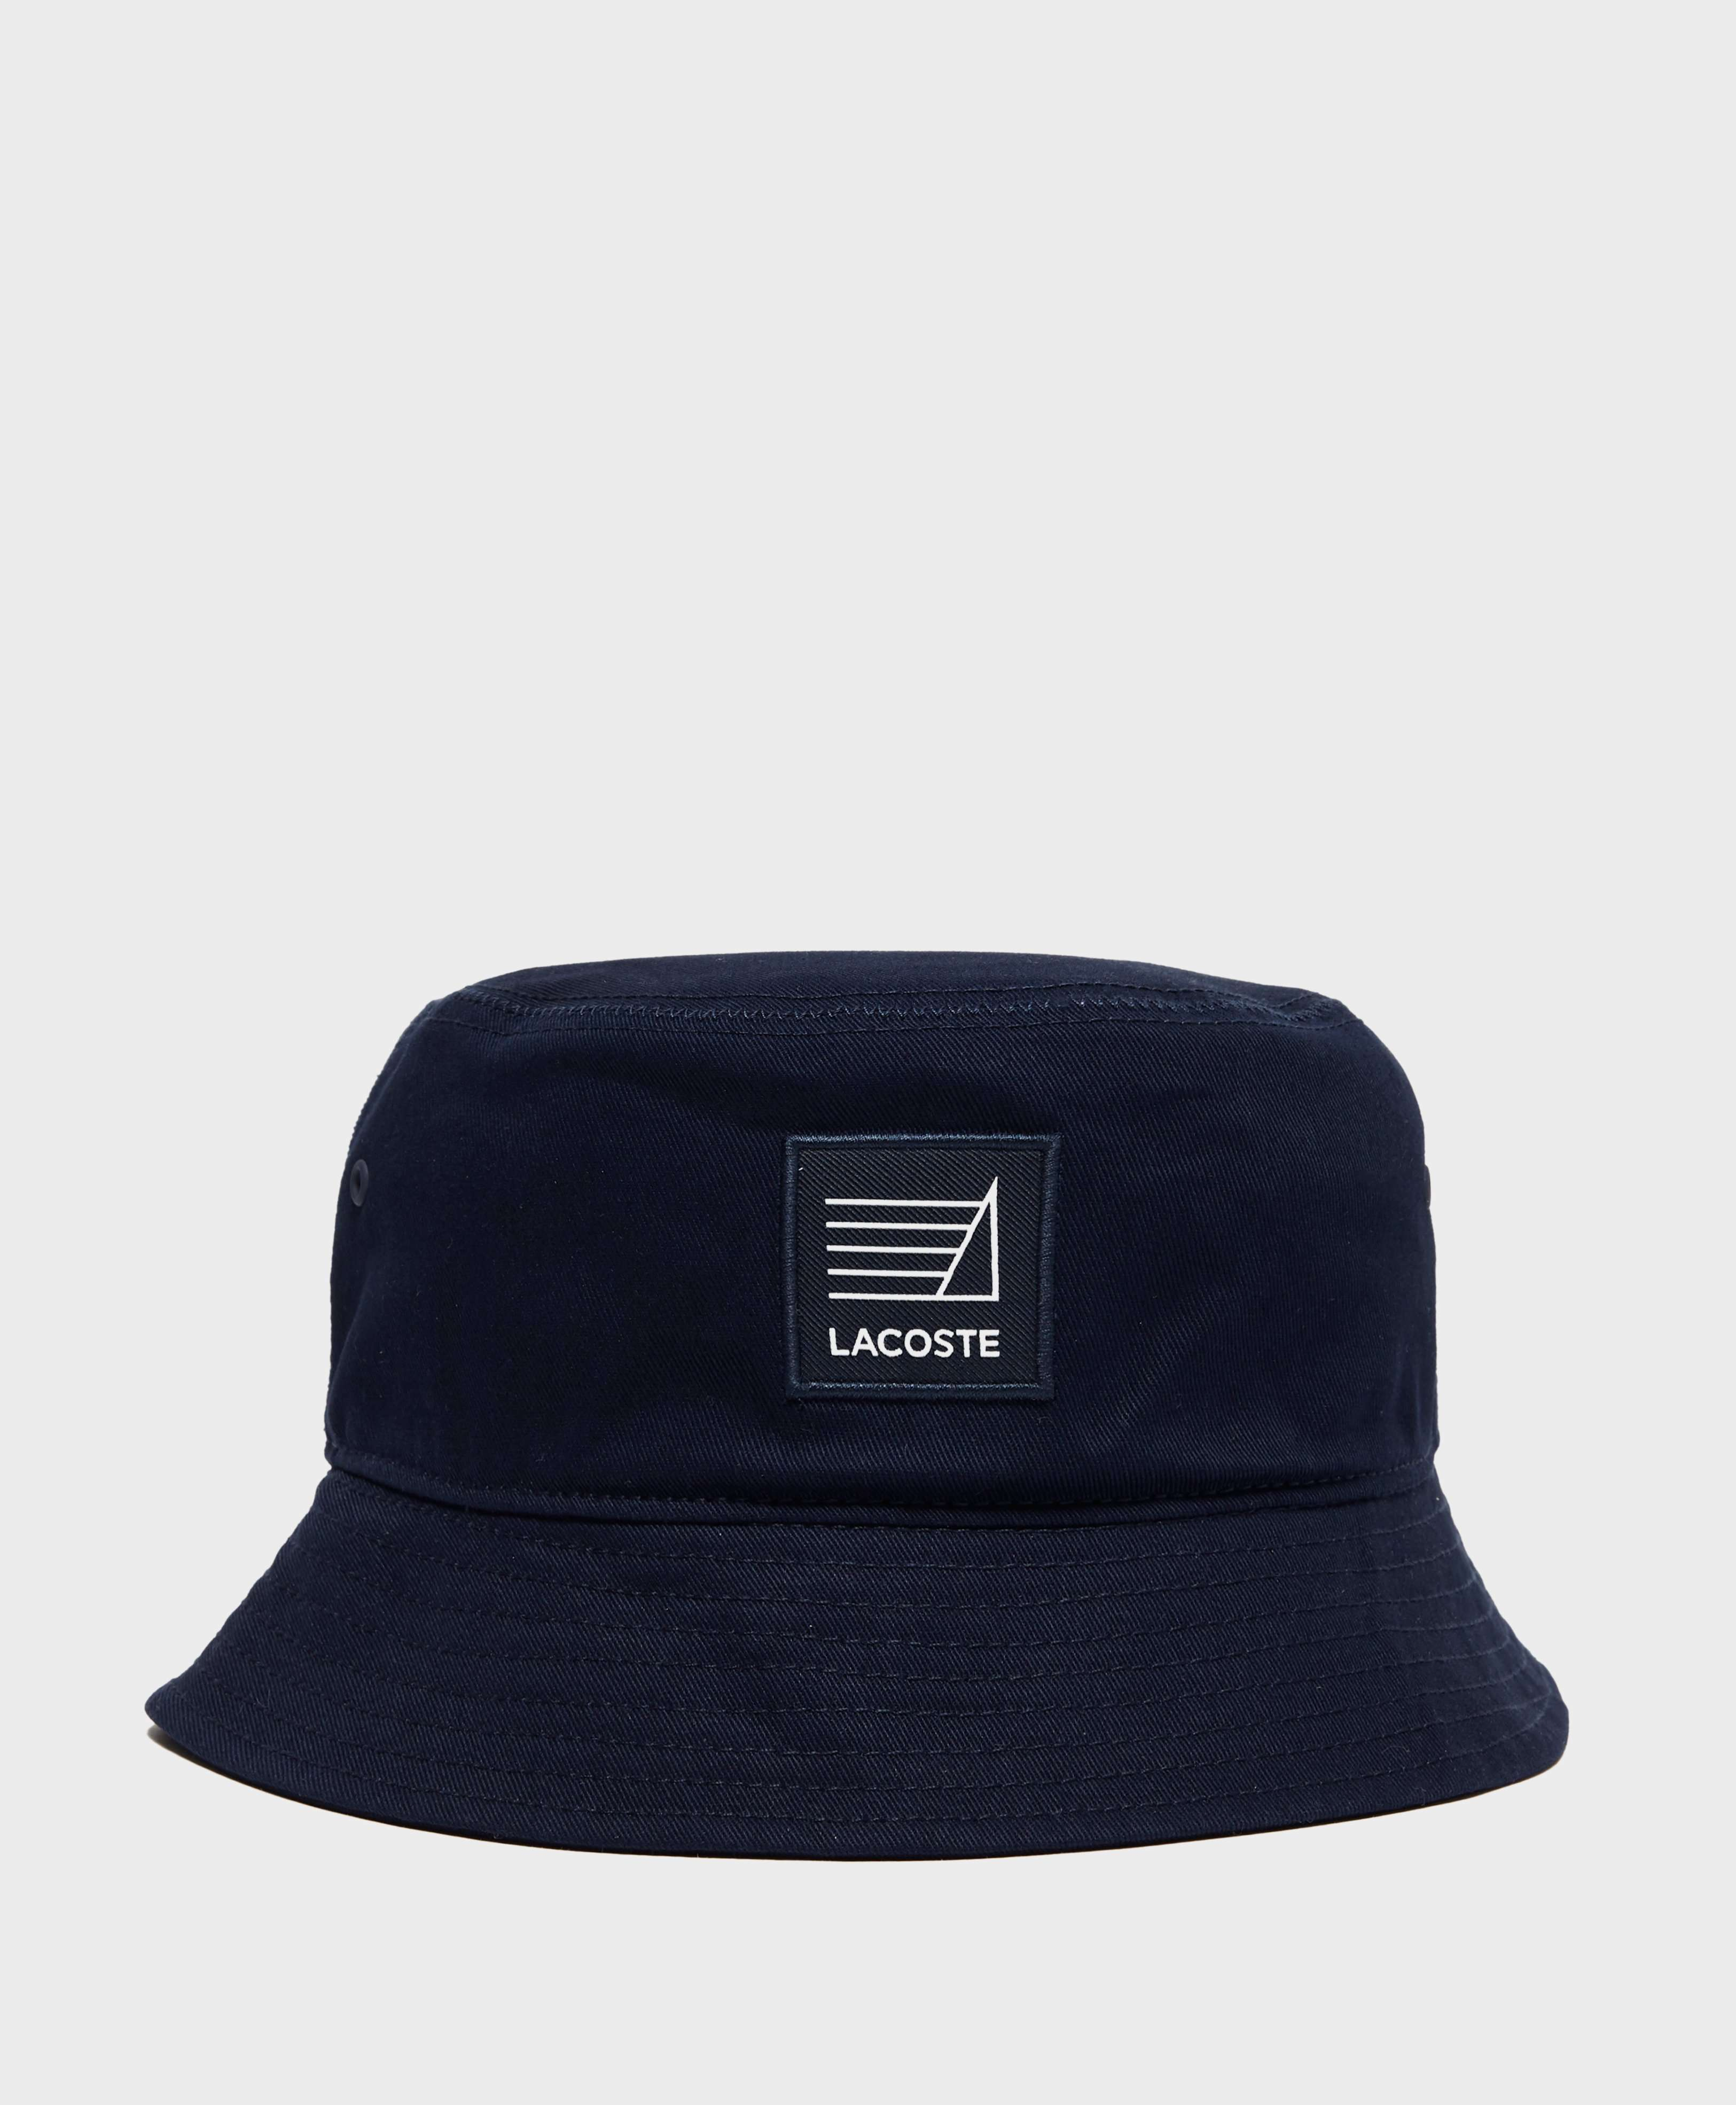 Lacoste Logo Bucket Hat  4000bace2db